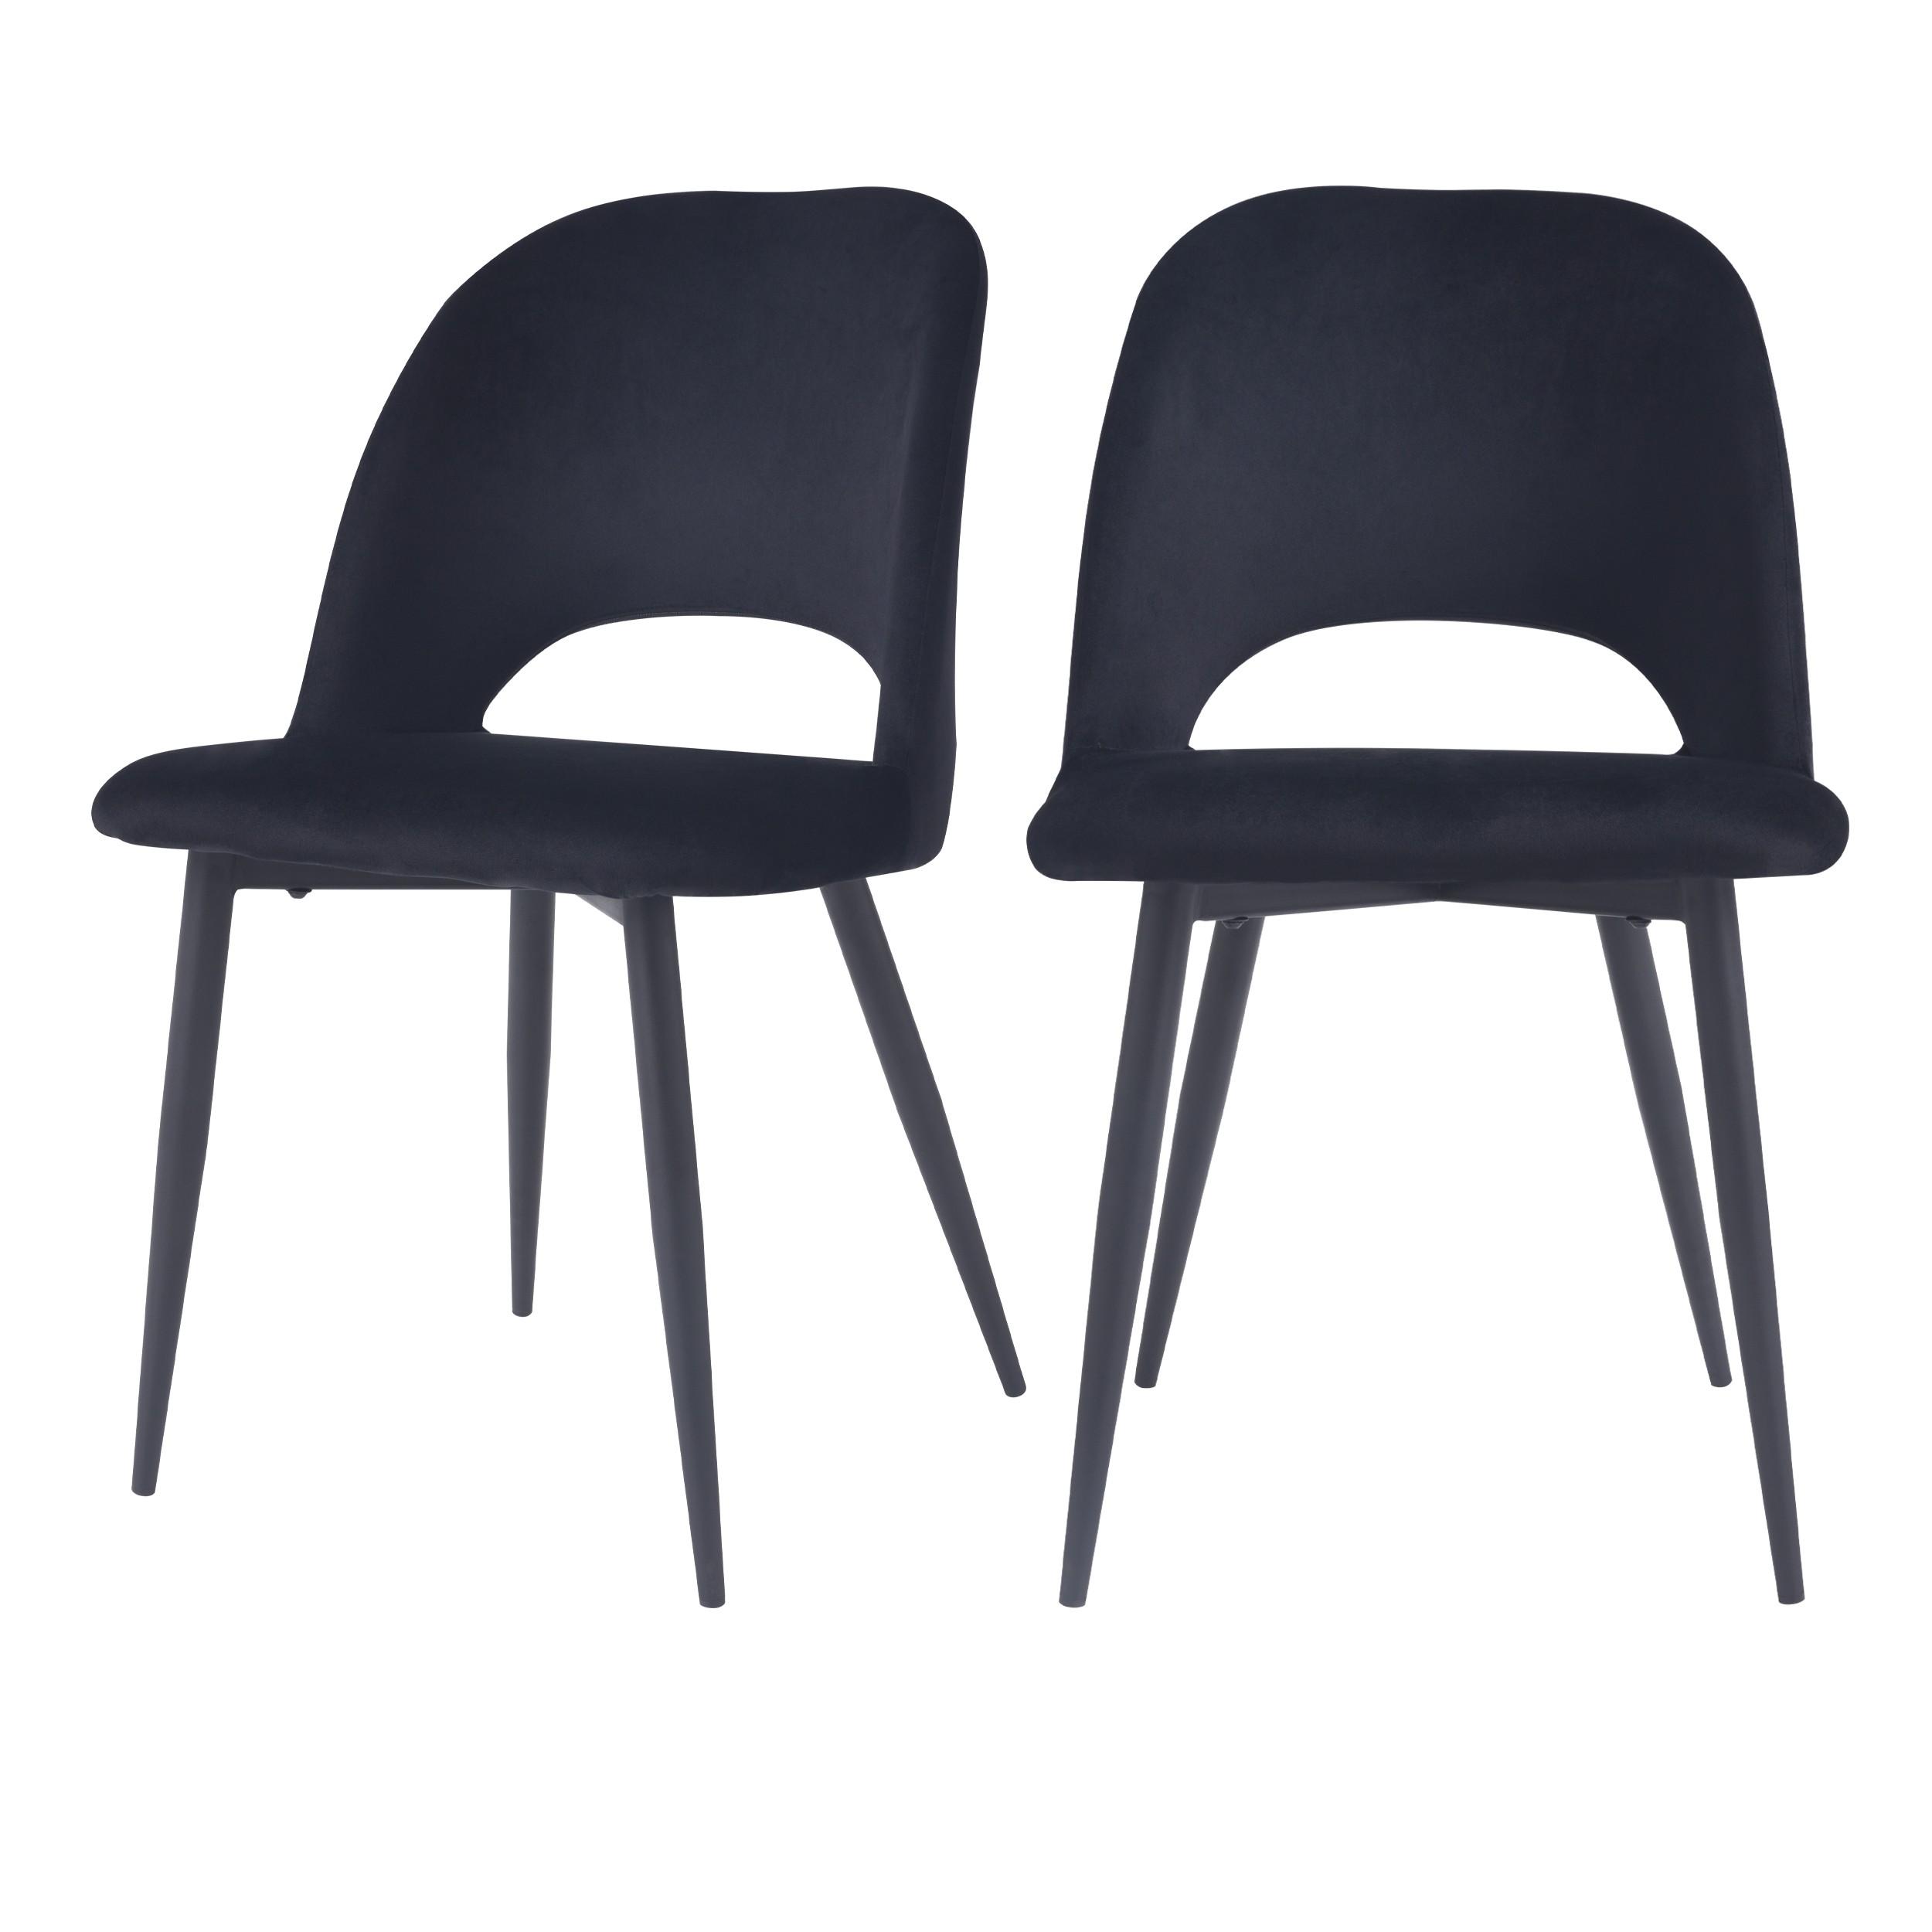 acheter chaise en velours noir pieds metal lot de 2